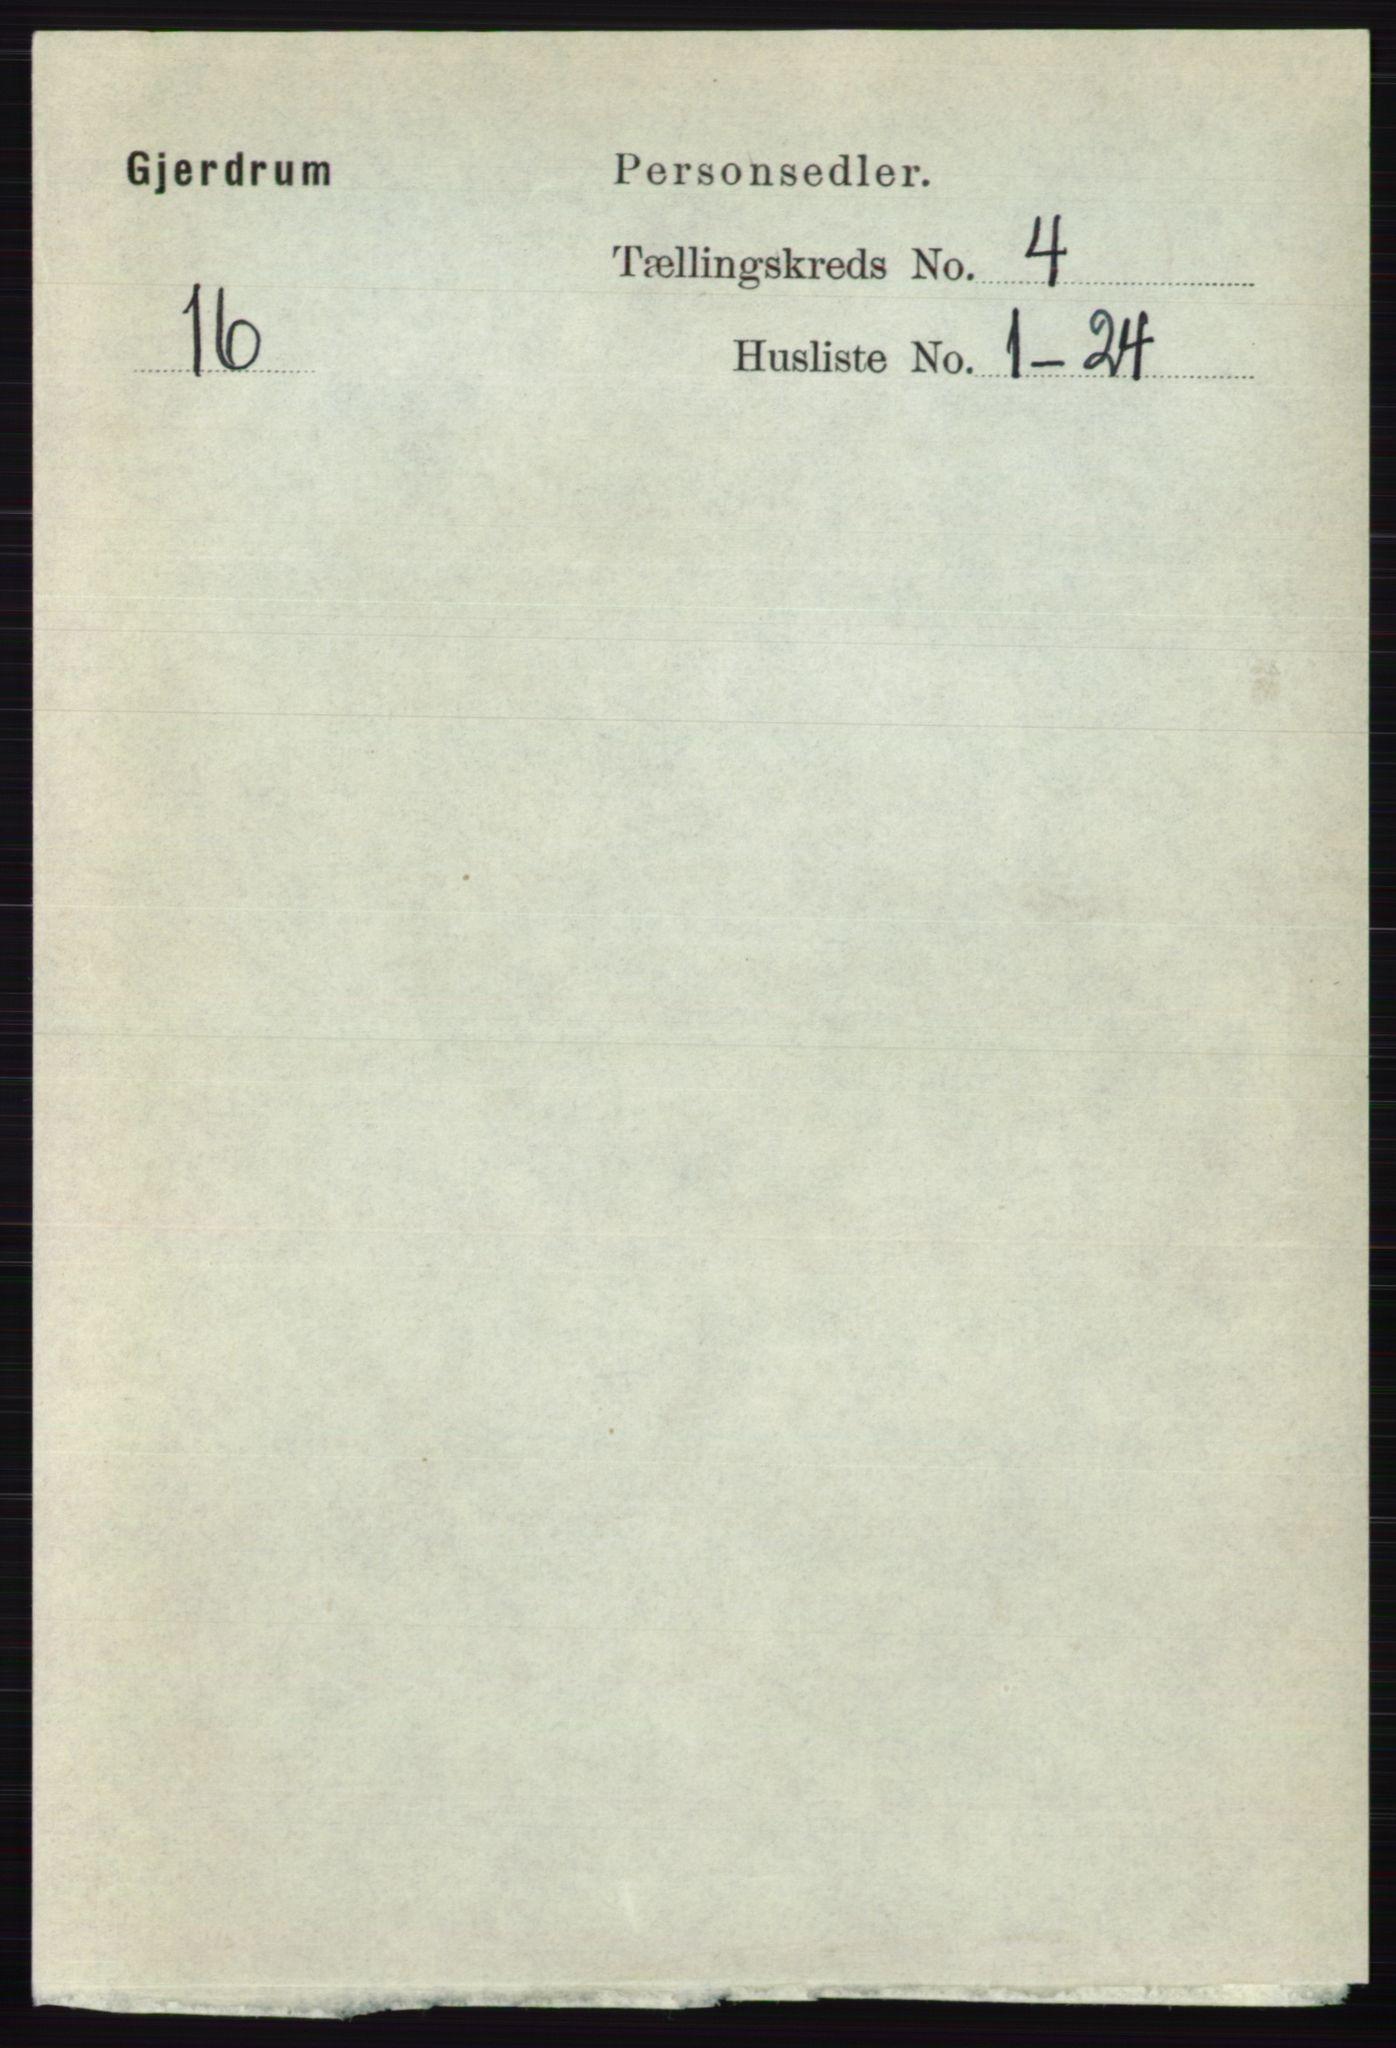 RA, Folketelling 1891 for 0234 Gjerdrum herred, 1891, s. 1813